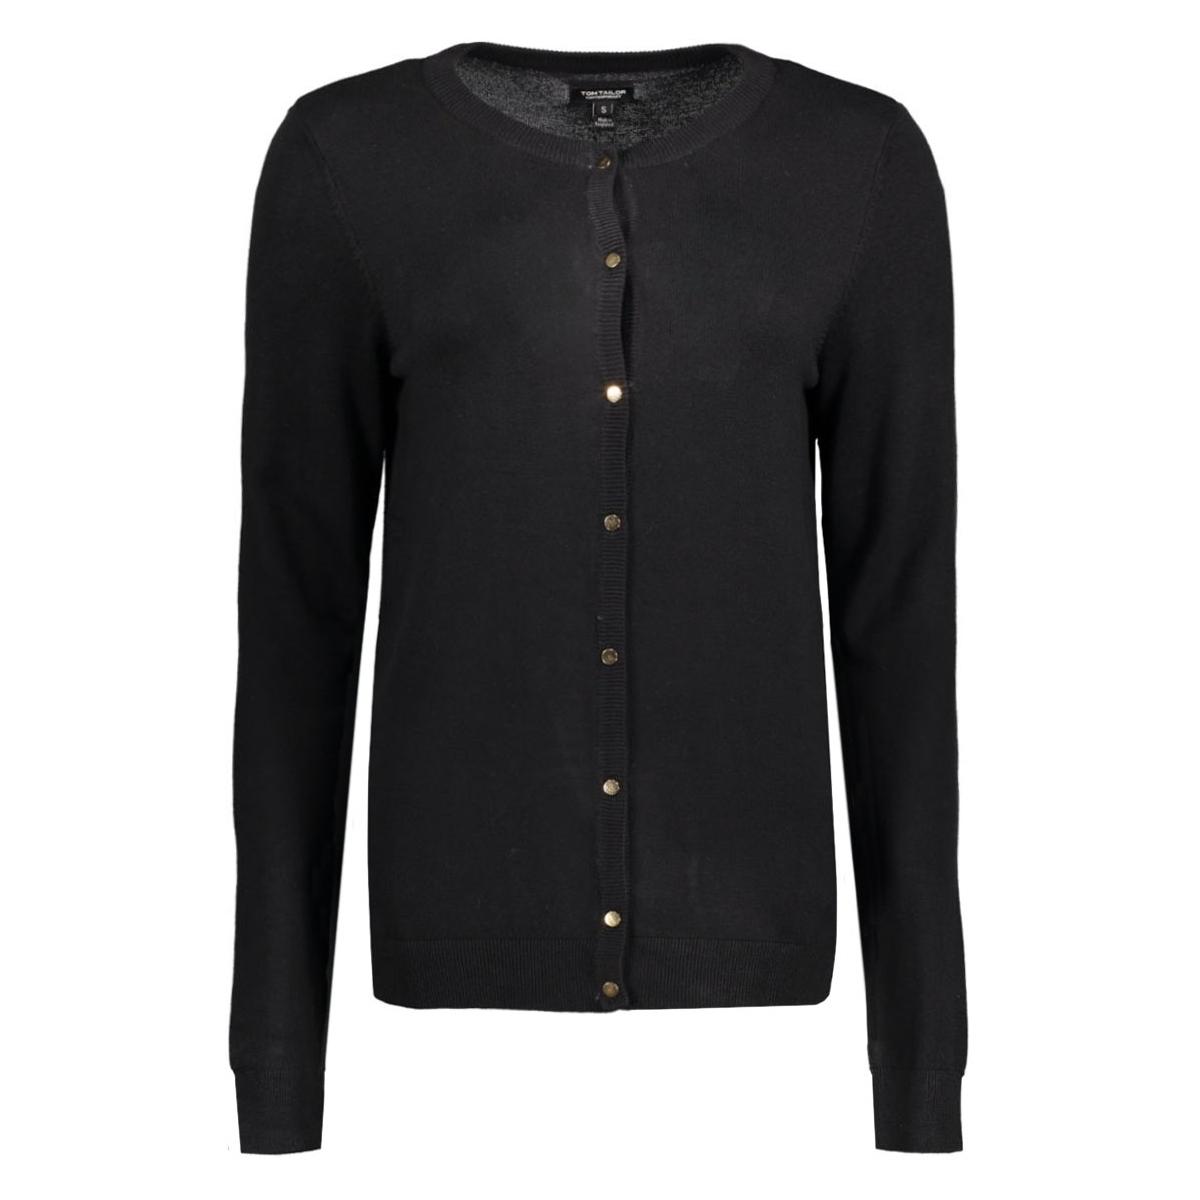 3021757.00.75 tom tailor vest 2999